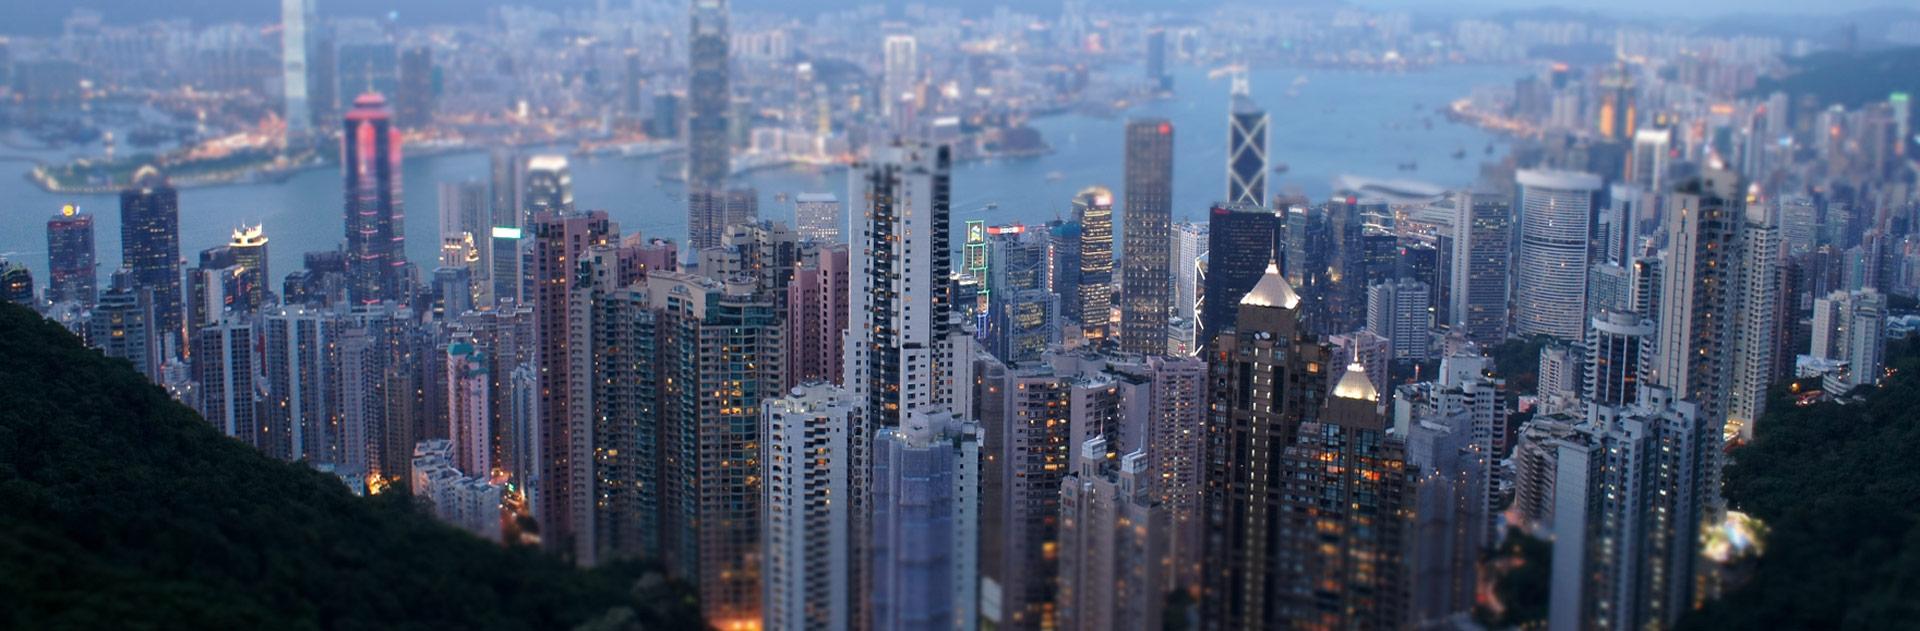 HK Skyline8209376886 963273f72e o